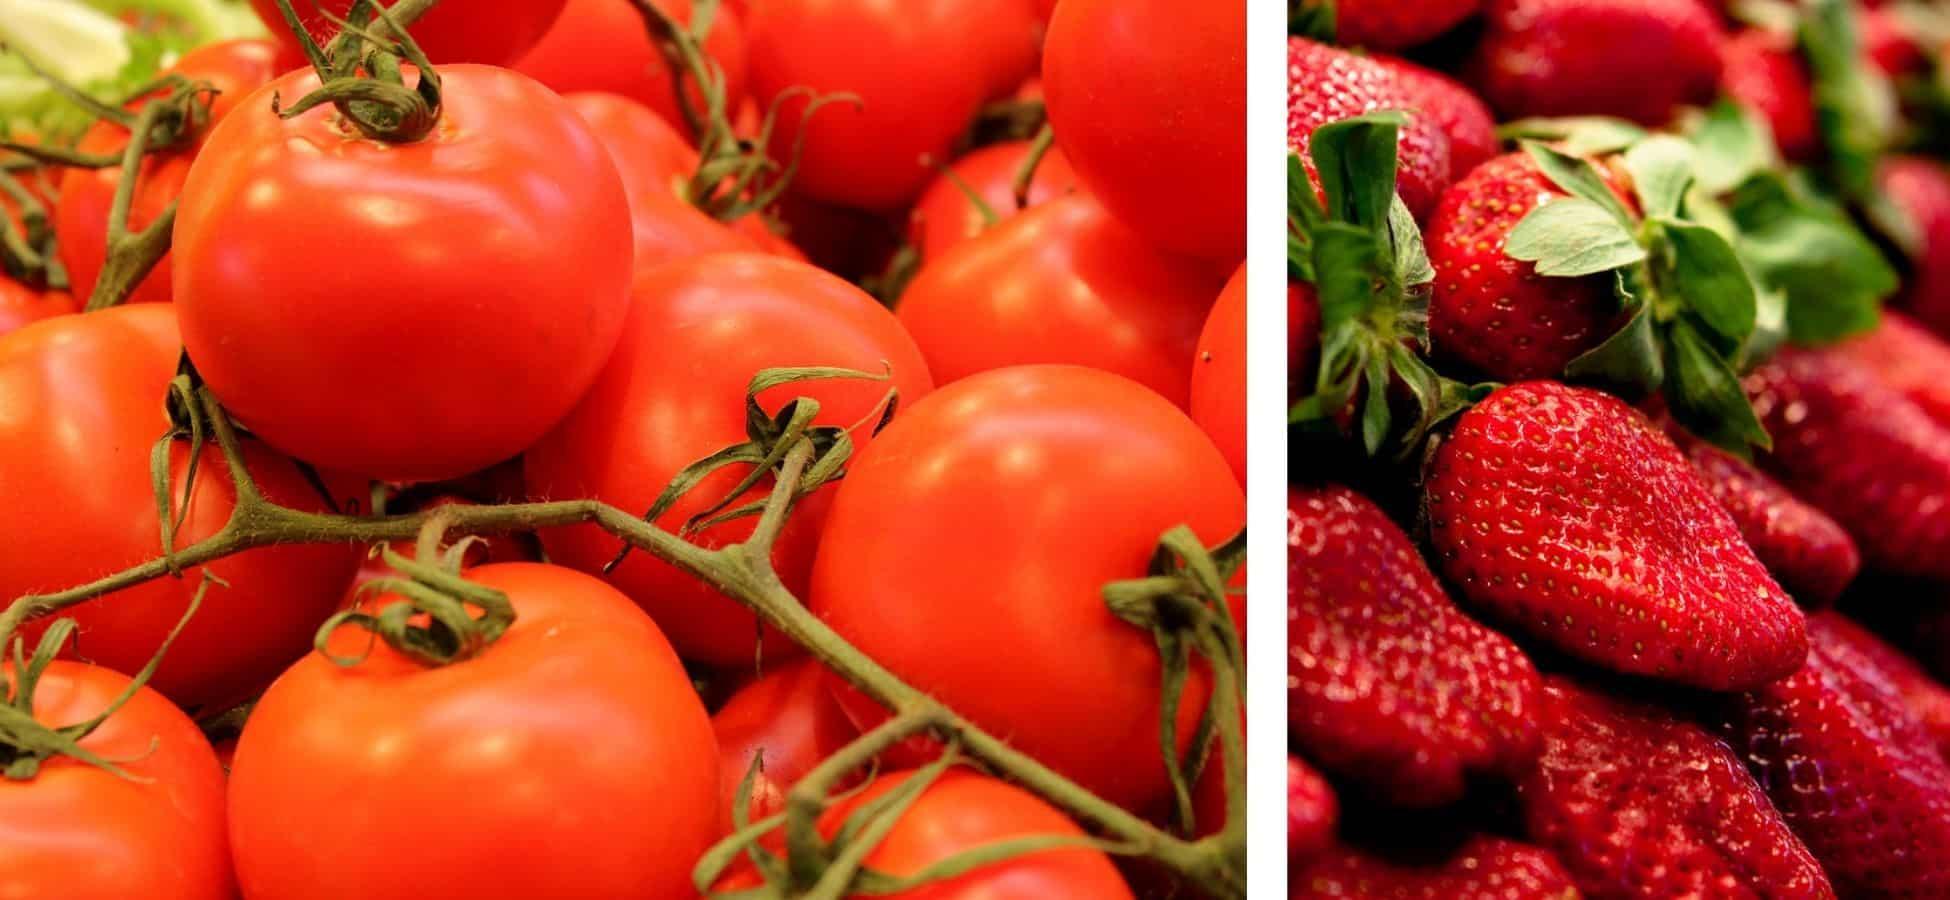 A gauche : des tomates |à droite : des fraises